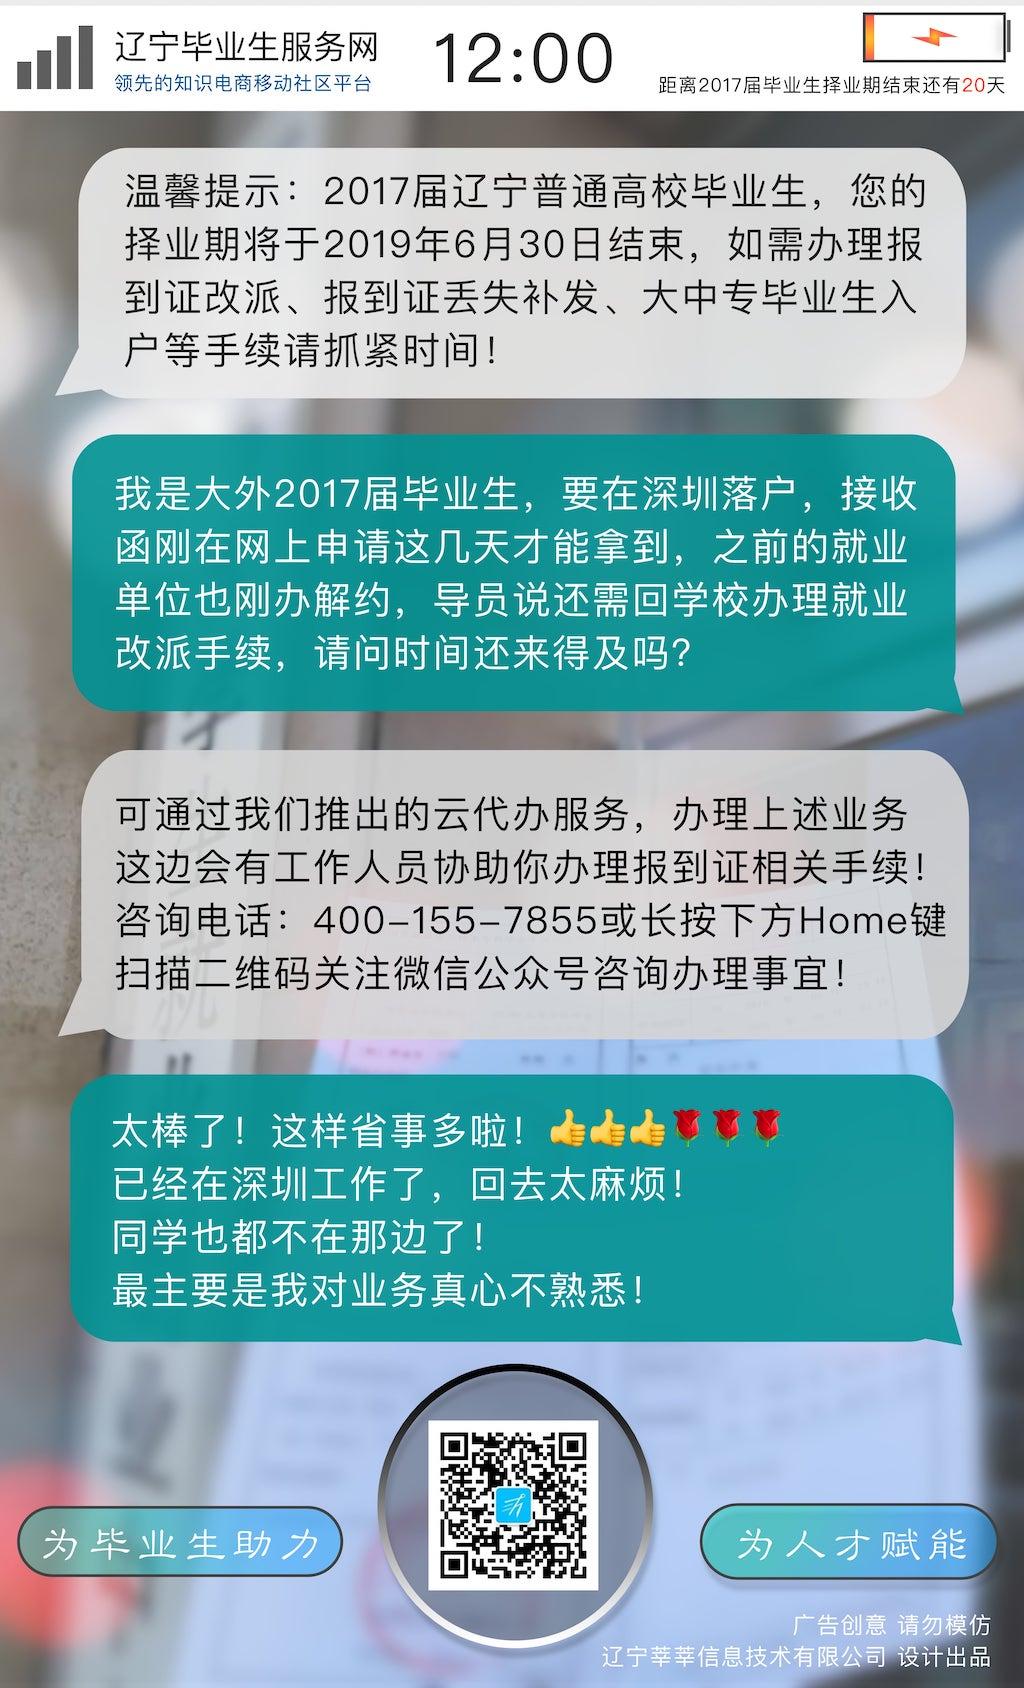 2017届辽宁省高校毕业生择业期临近,请抓紧时间办理改派手续!